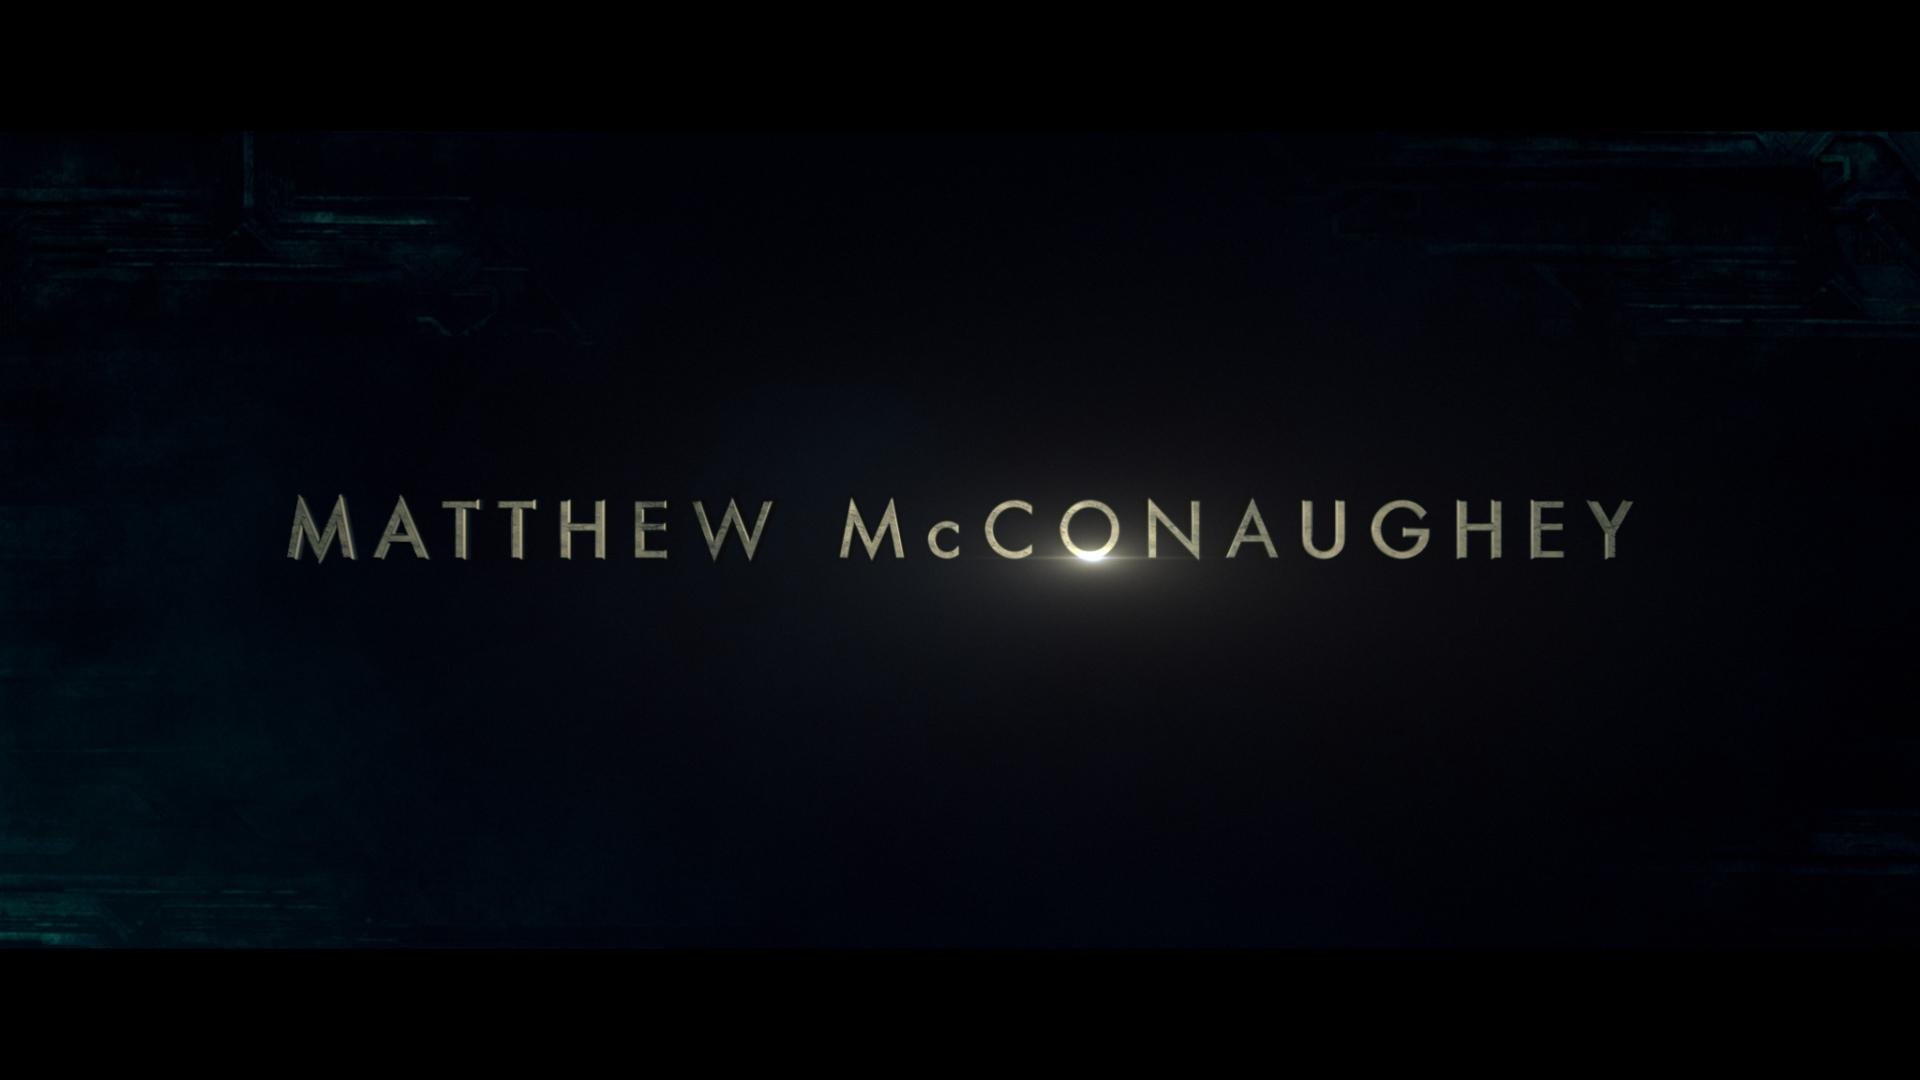 TDT_HD_Fut_BG1_McConaughey_jk_01.jpg